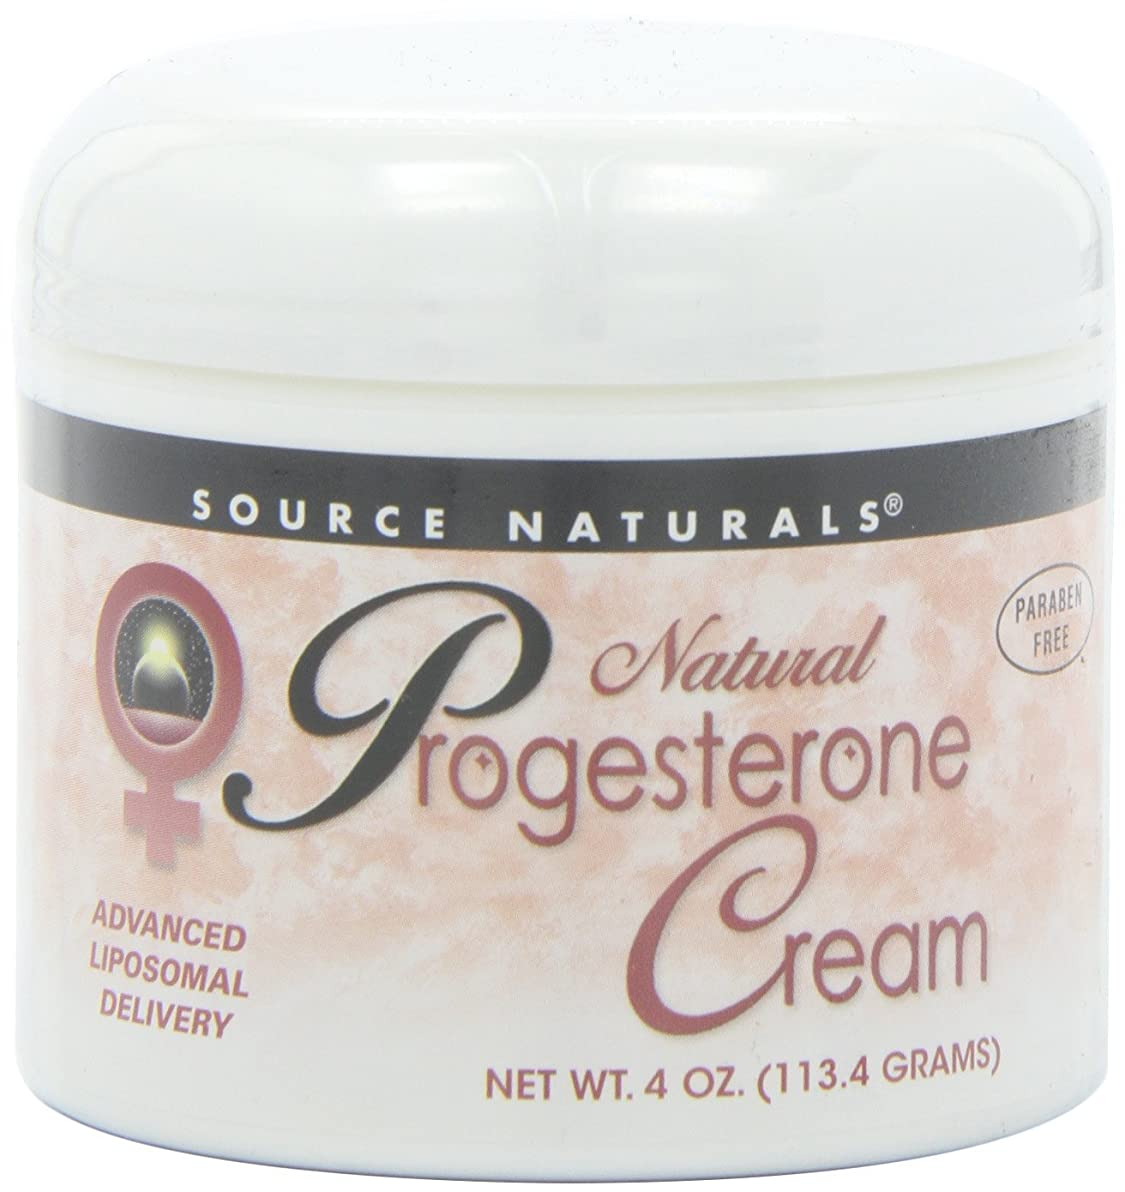 体操選手かる無駄Source Naturals Natural Progesterone Cream, 4 Ounce (113.4 g) クリーム 並行輸入品 [並行輸入品]